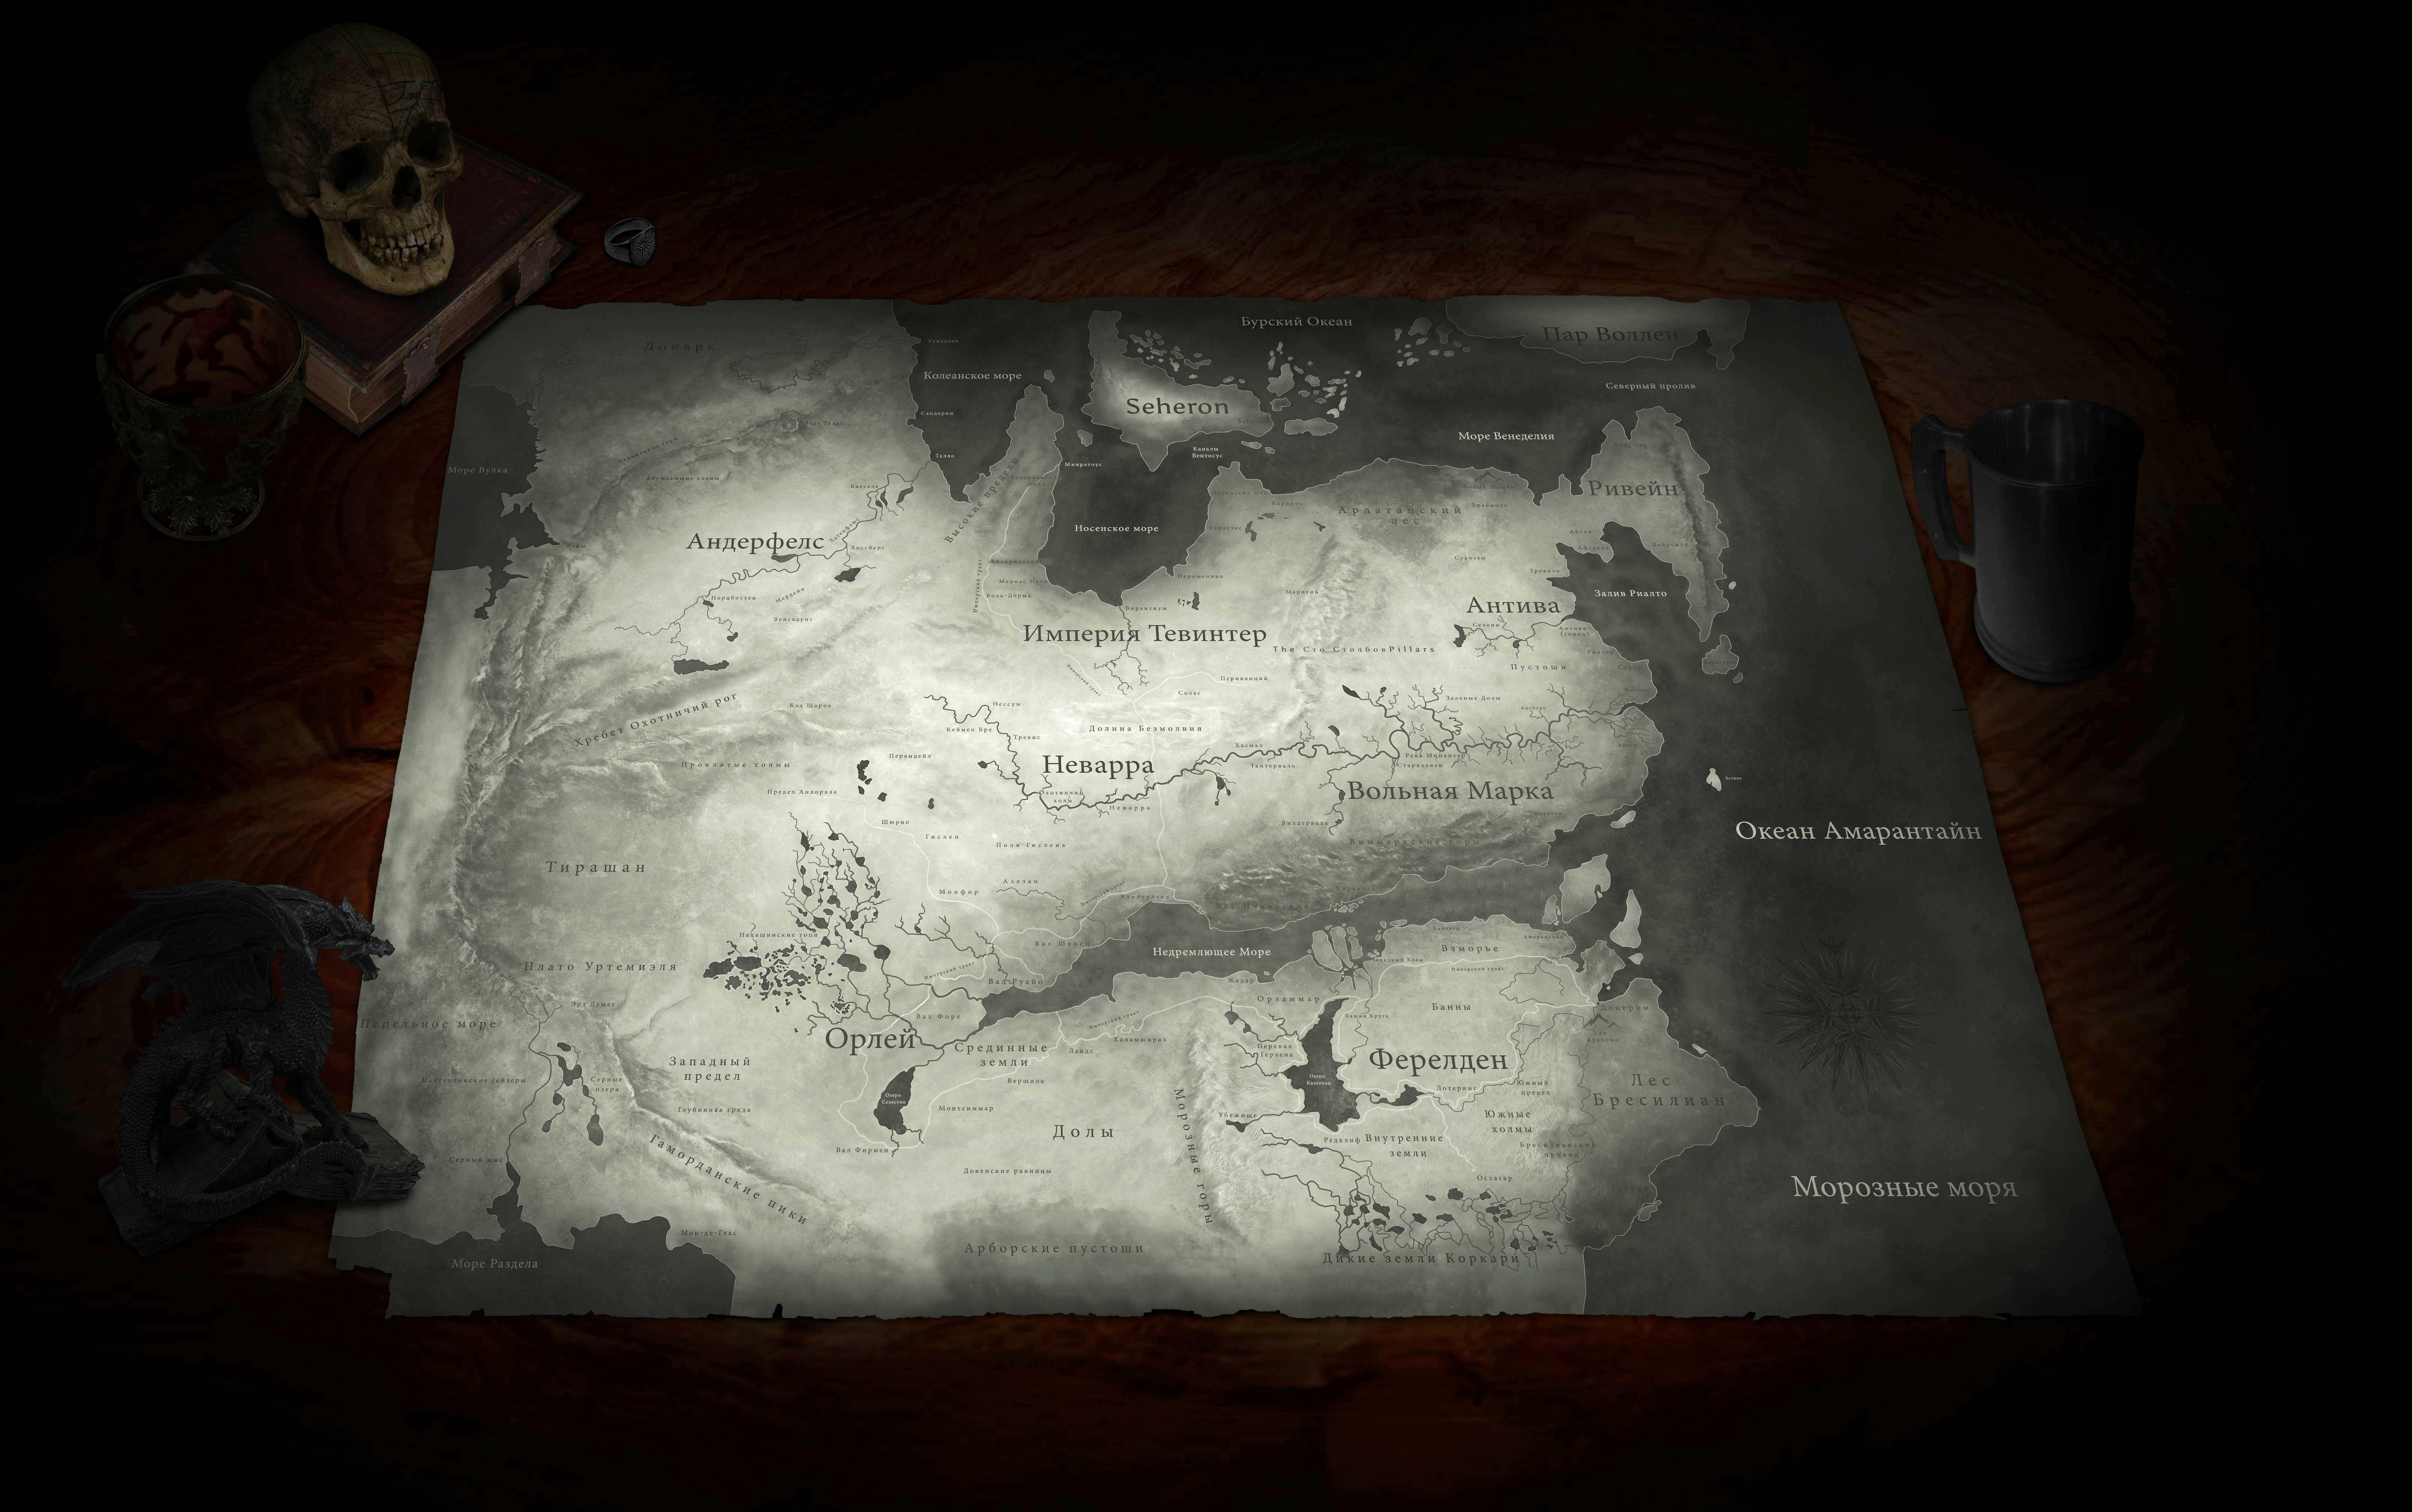 Dragon Age: Инквизиция Карта Тедаса. - Изображение 1